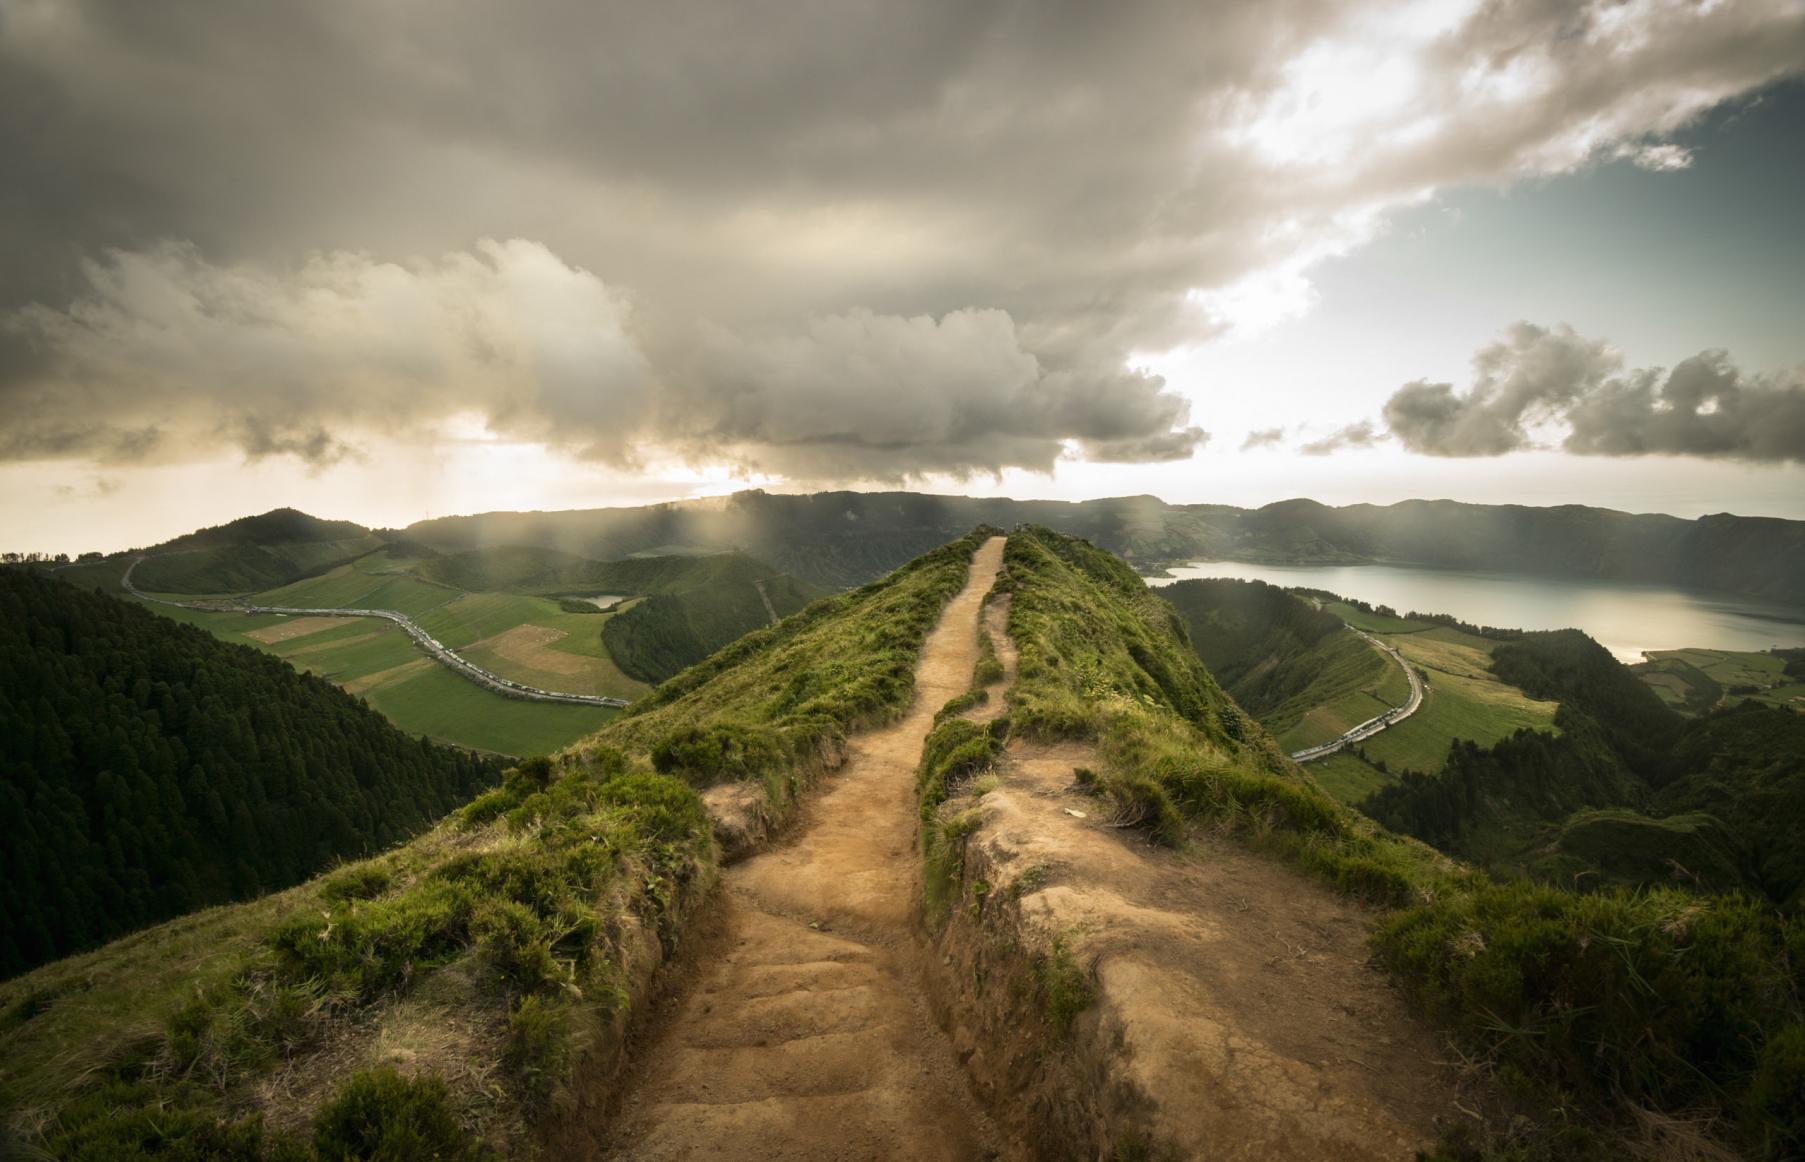 Miraduoro da Grota do Inferno, São Miguel, Açores Portugal, Portugal